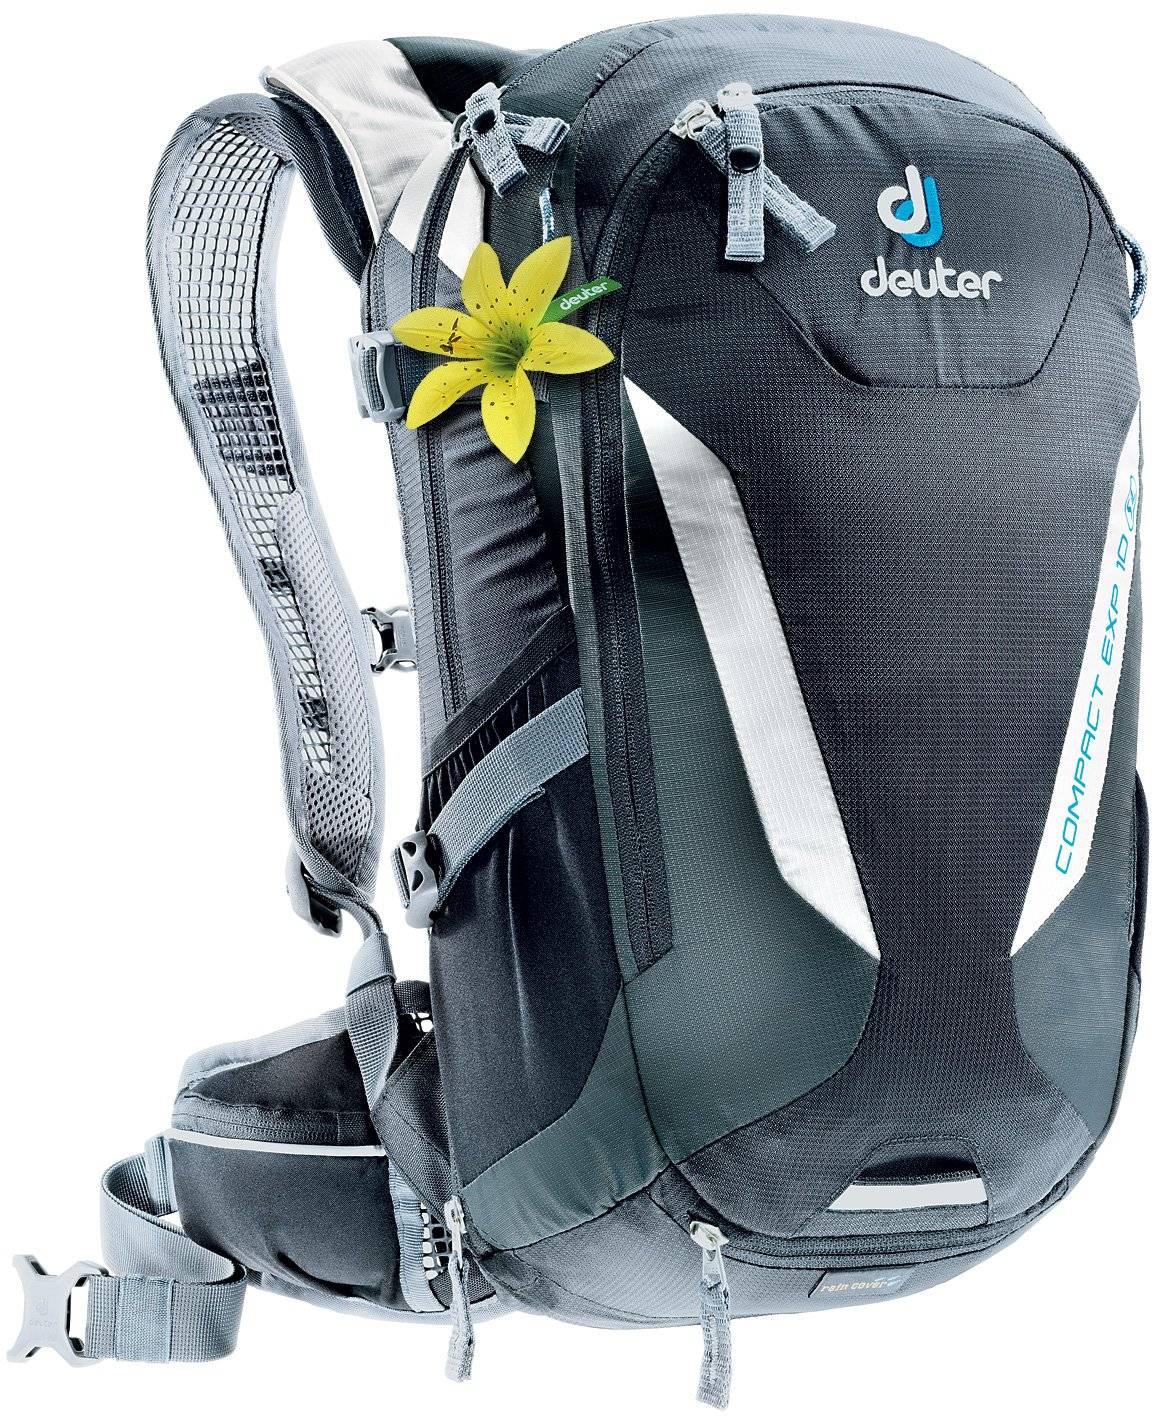 Велорюкзак Deuter Bike Compact EXP 10 SL, для женщин, 46х22х19, 10+2 л, черный, 3200115_7410